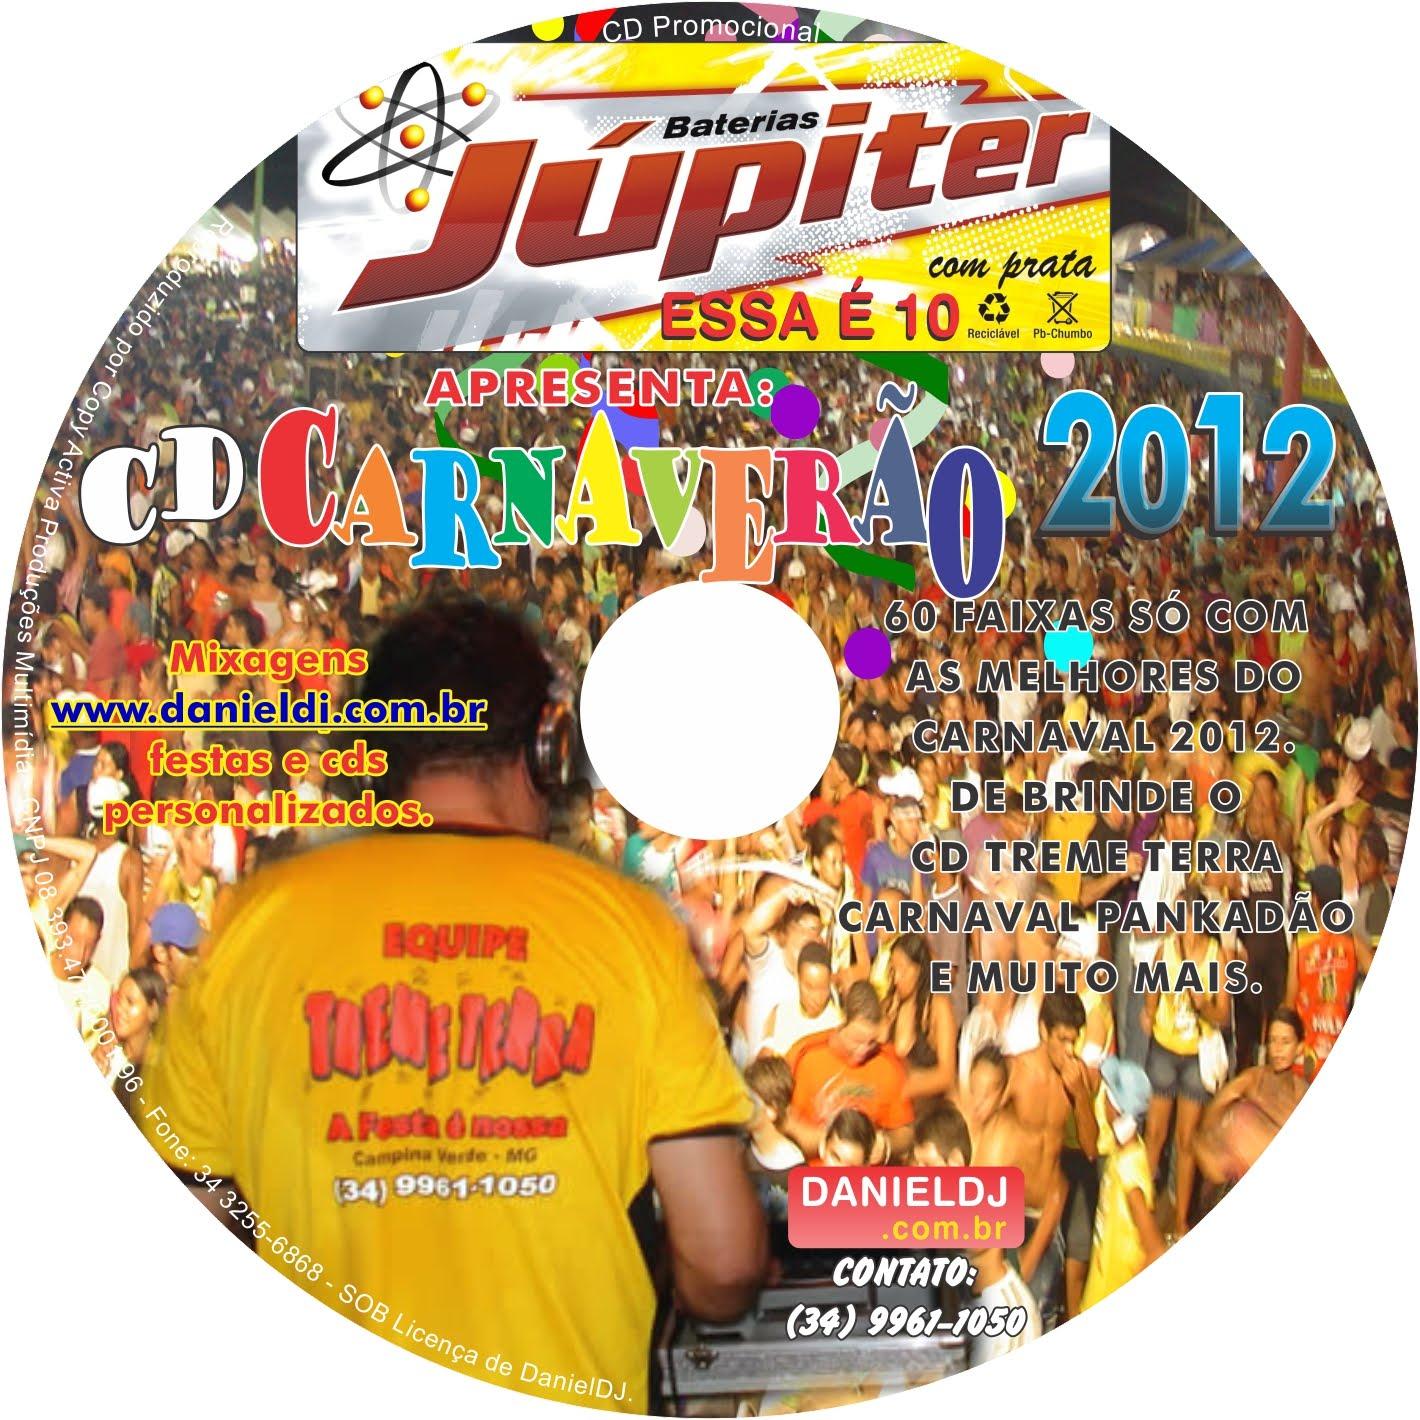 DOWNLOAD GRATUITO CD TREME EQUIPE TERRA